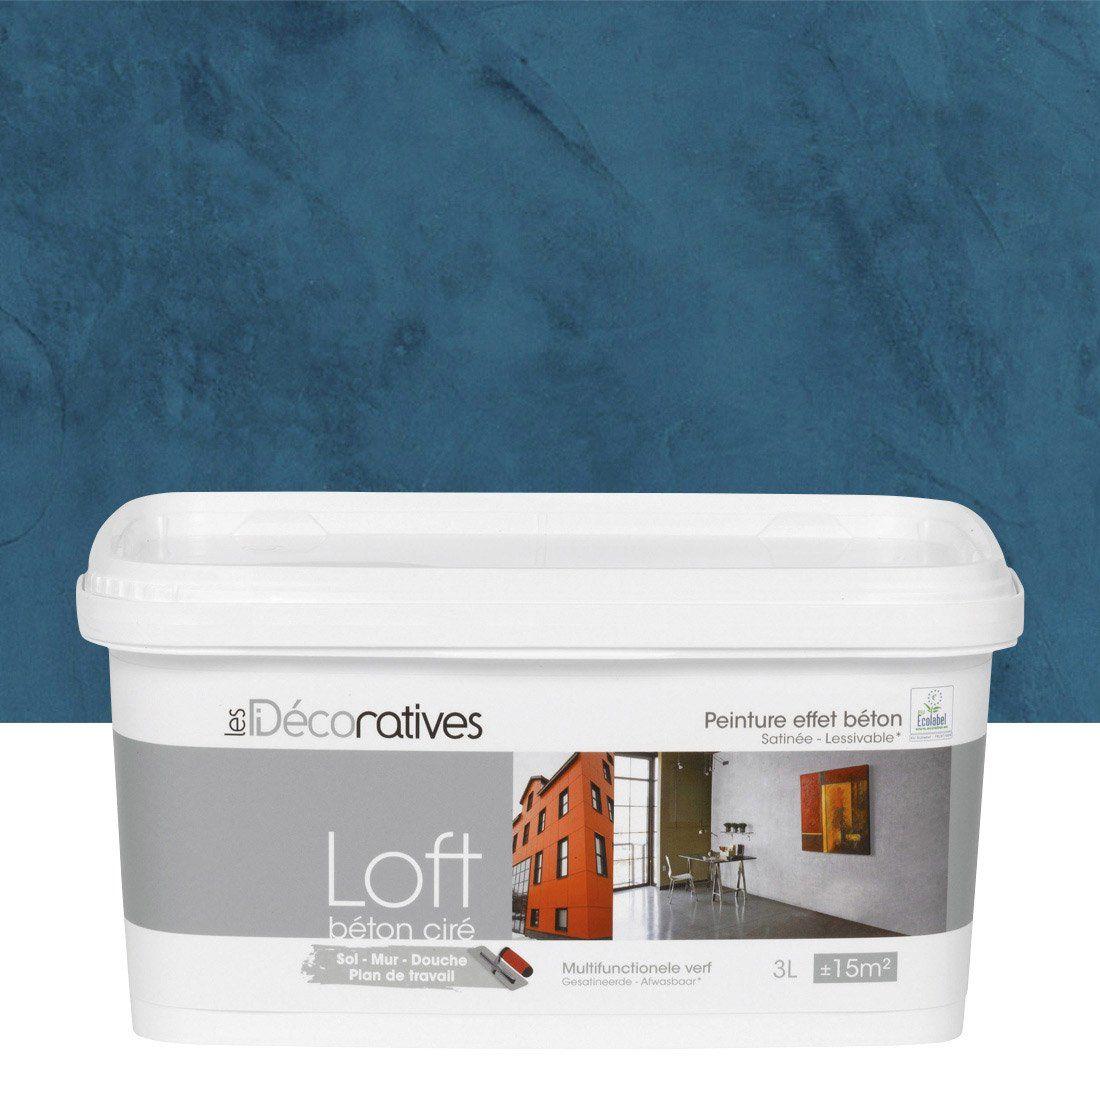 Peinture Decorative Loft Beton Cire Les Decoratives Bleu Oxyde 3 L Beton Cire Peinture Effet Beton Decoration Loft